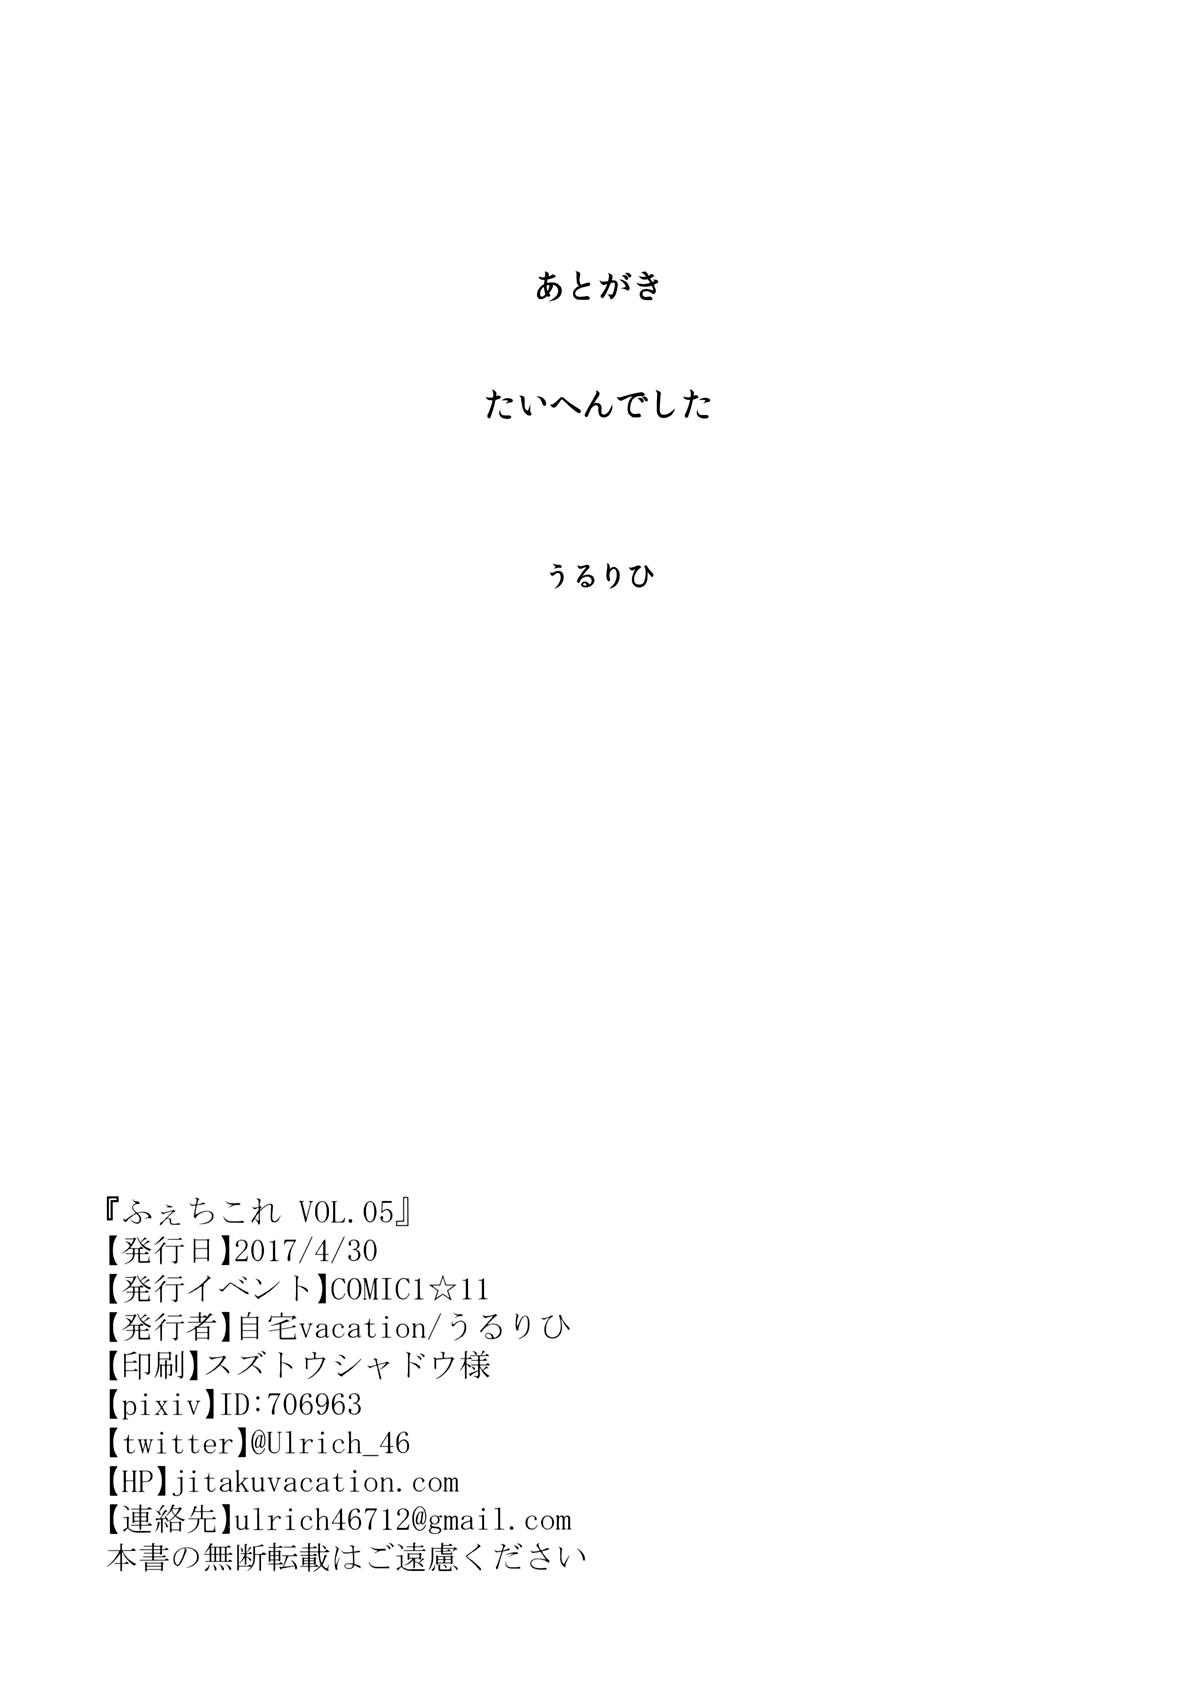 Hình ảnh  in FetiColle Vol. 05